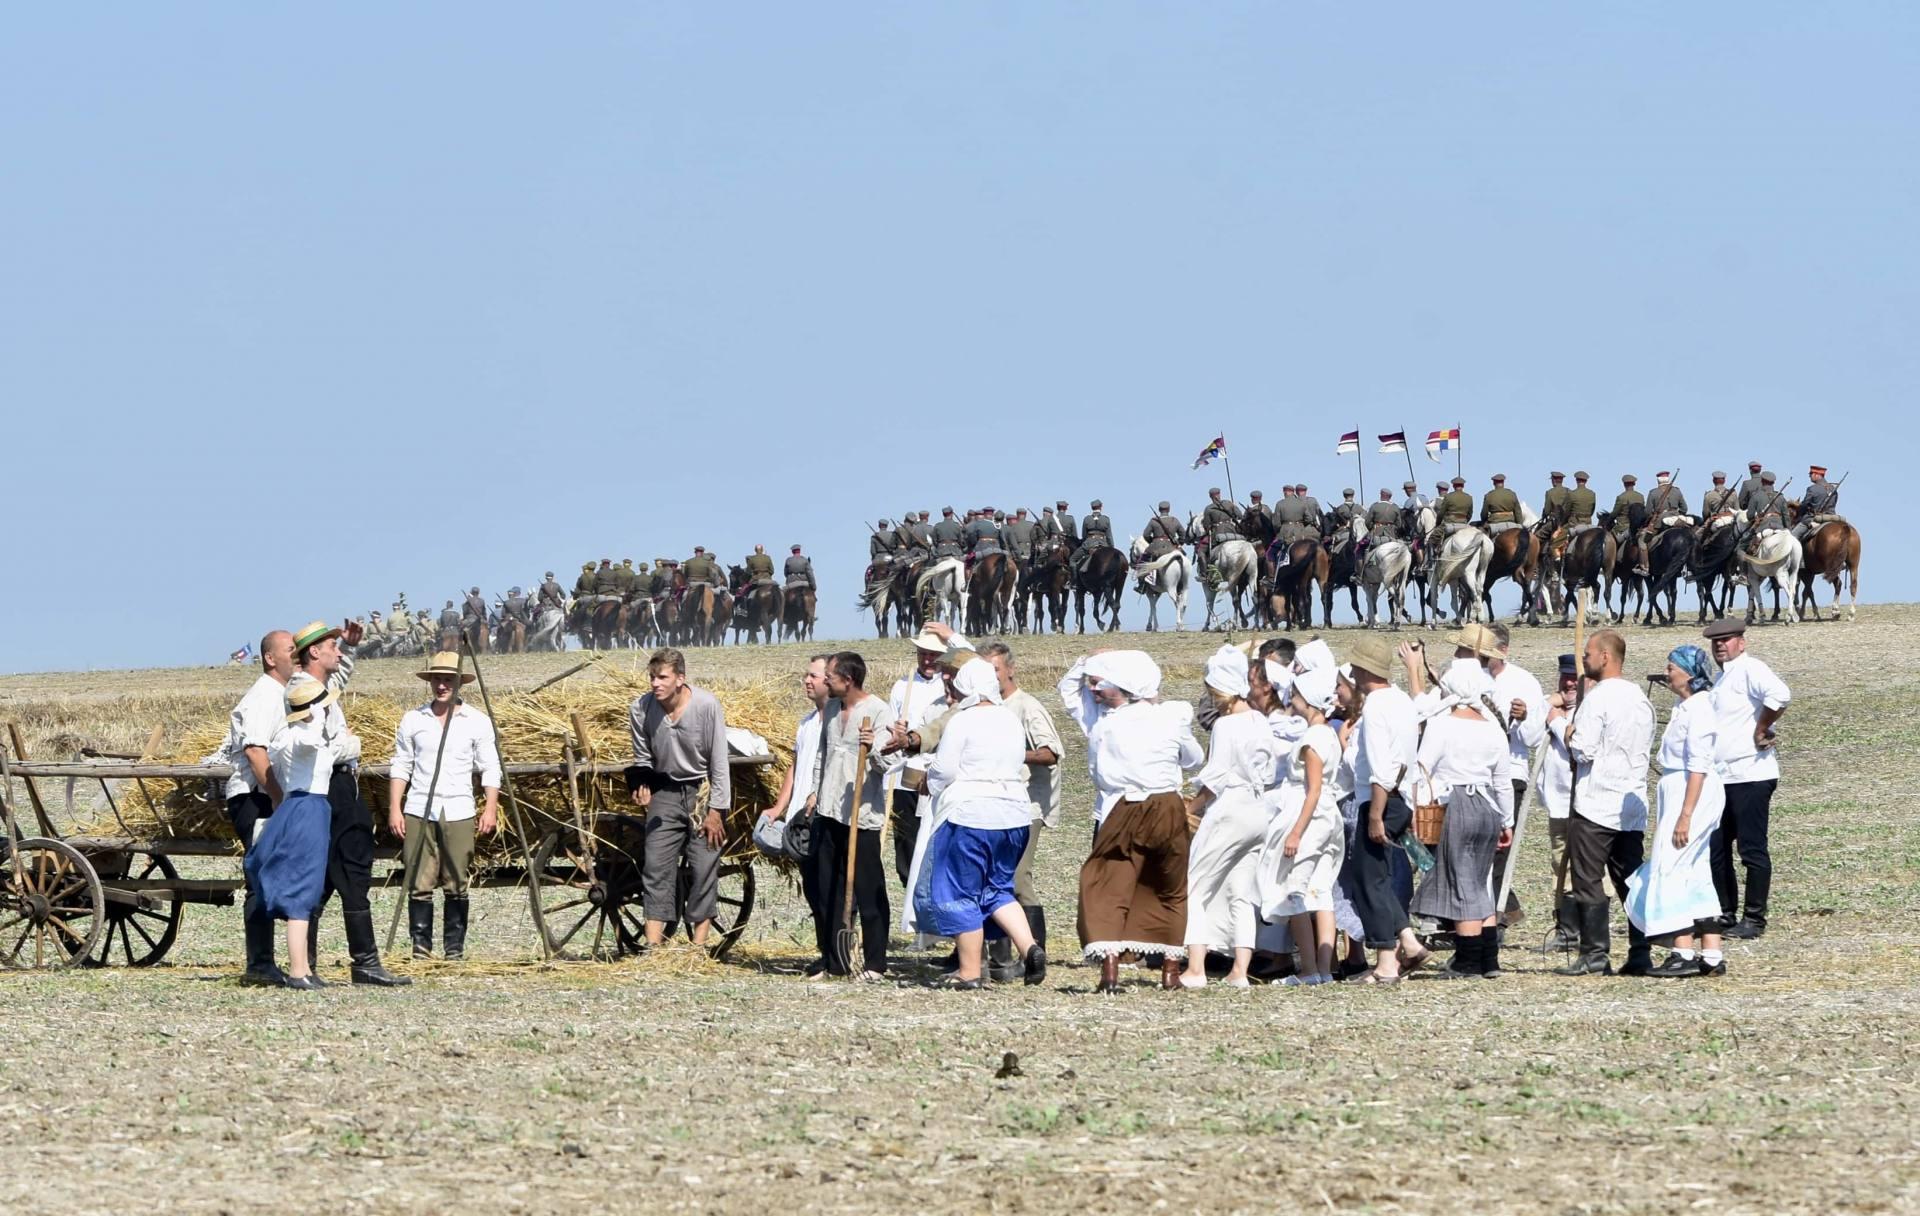 dsc 0827 Czas szabli - 100 rocznica bitwy pod Komarowem(zdjęcia)